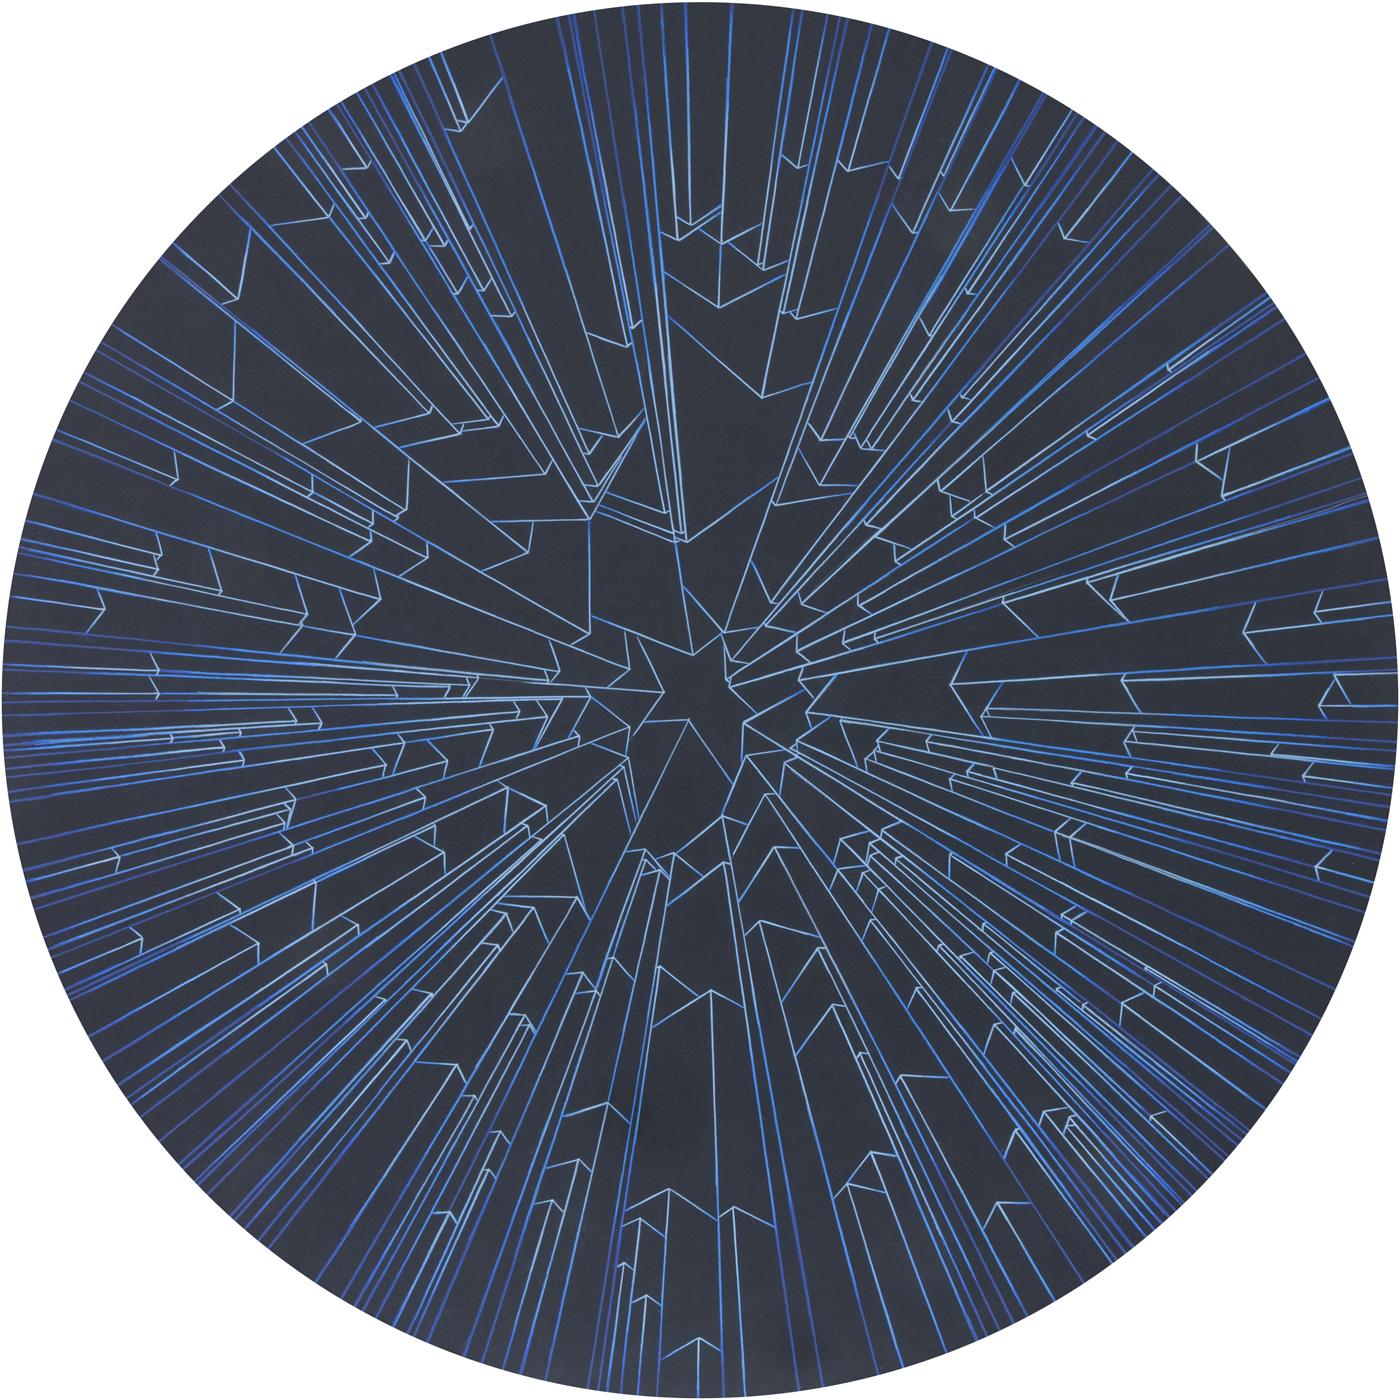 """Caroline Cloutier,  Architectures Célestes – Équinoxe Automne,  2015, crayon à l'huile sur carton 4 plis, 102 x 102 cm (40"""" x 40"""")"""